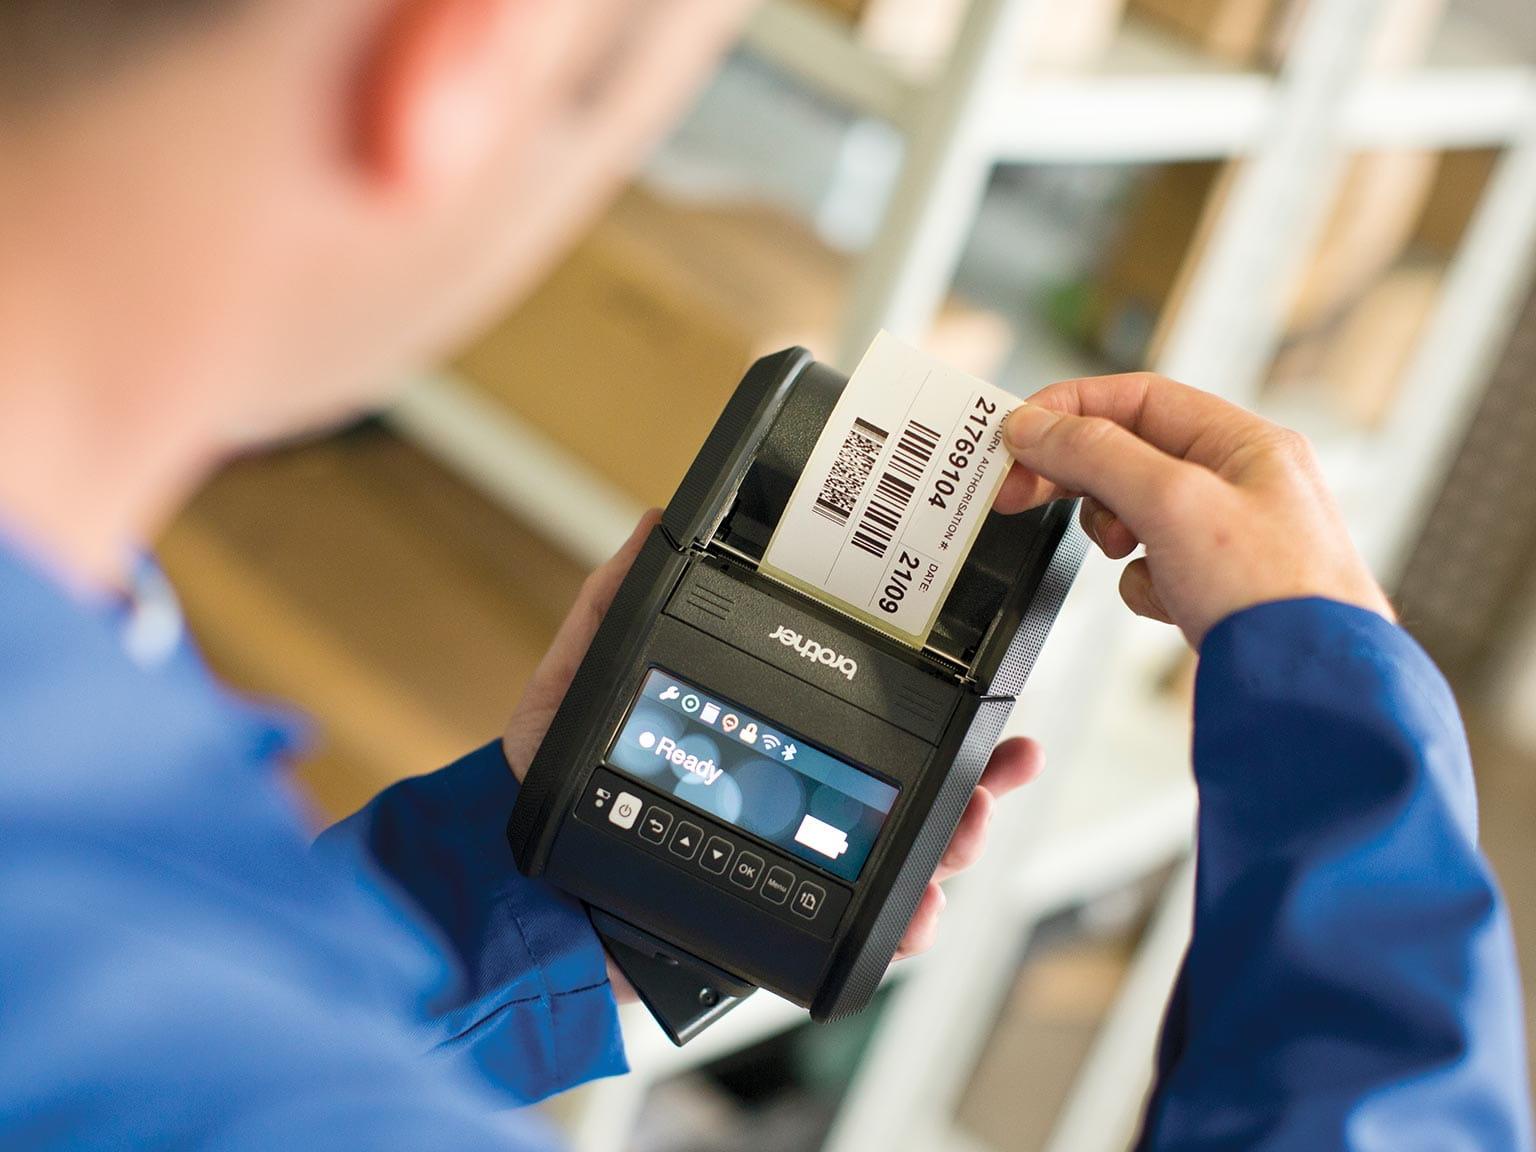 skladištar drži RJ printer koji ispisuje naljepnicu